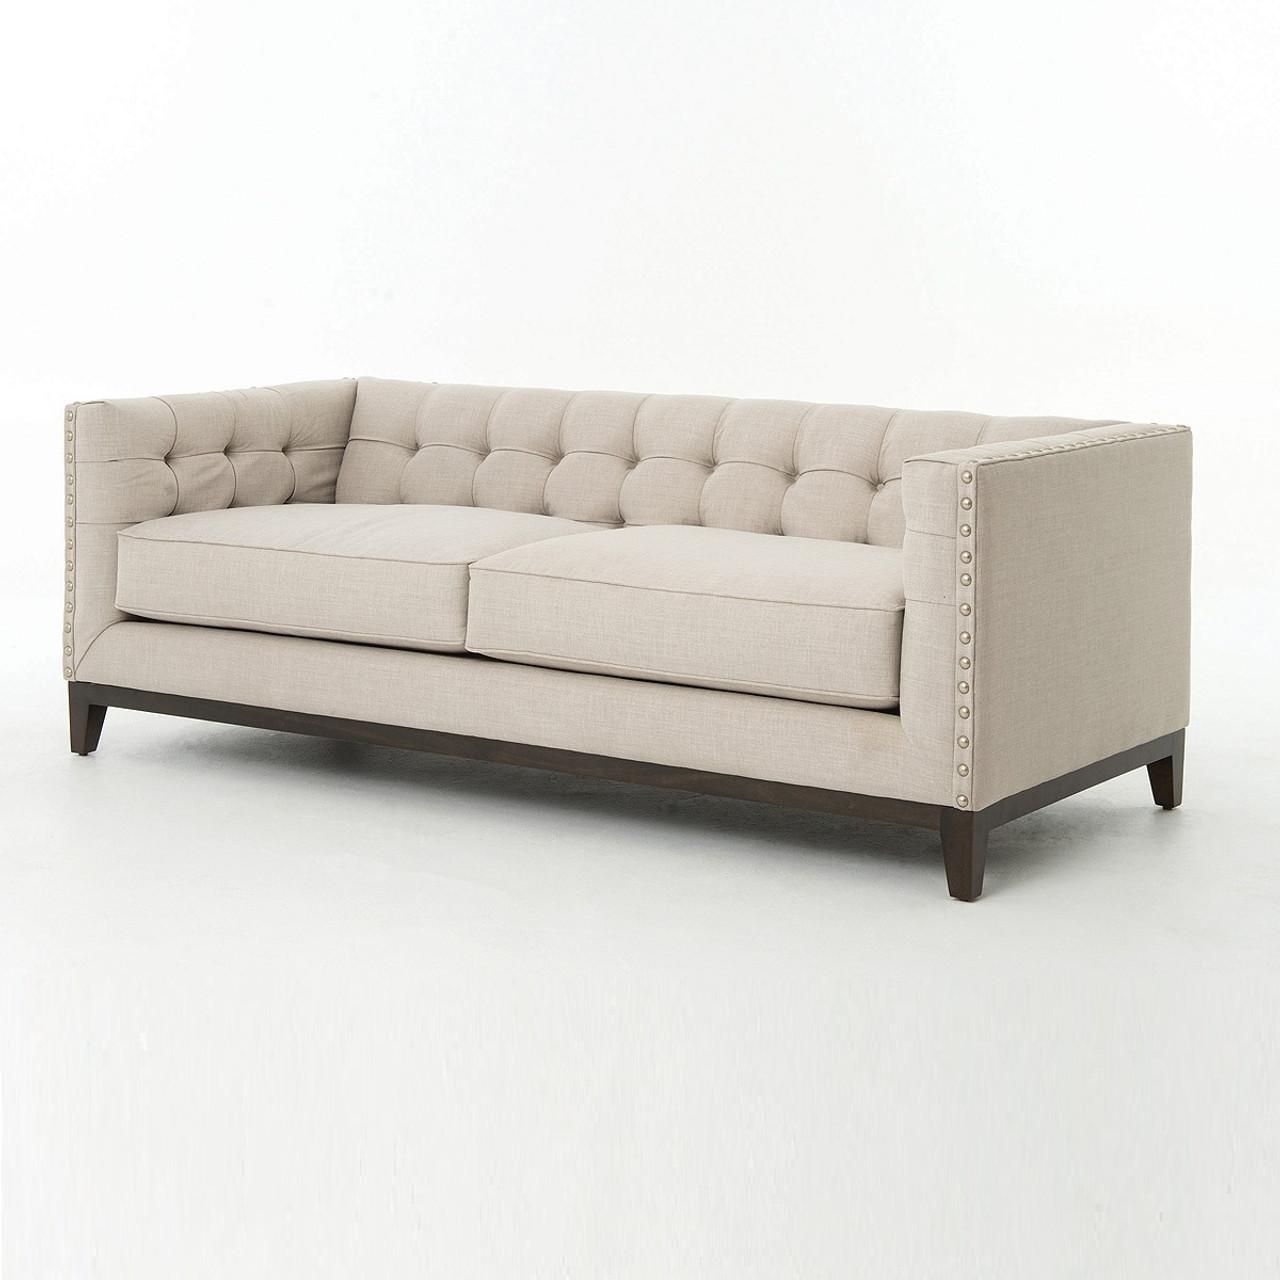 Greenwich Modern Tufted Linen Sofa